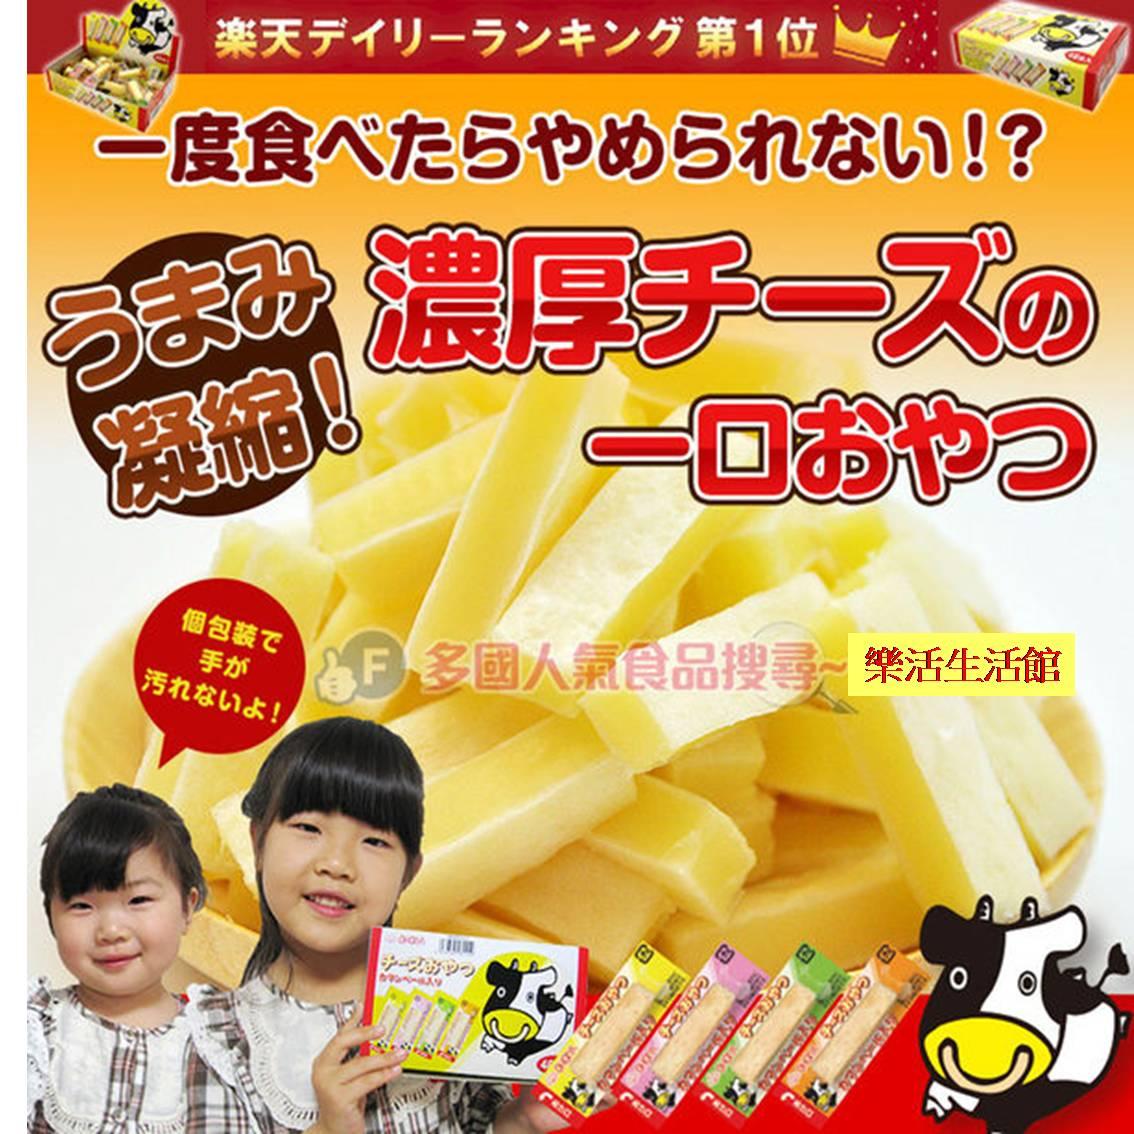 日本OHGIYA 扇屋點心起司條 乳酪條 乳酪棒 一口起司棒  【樂活生活館】